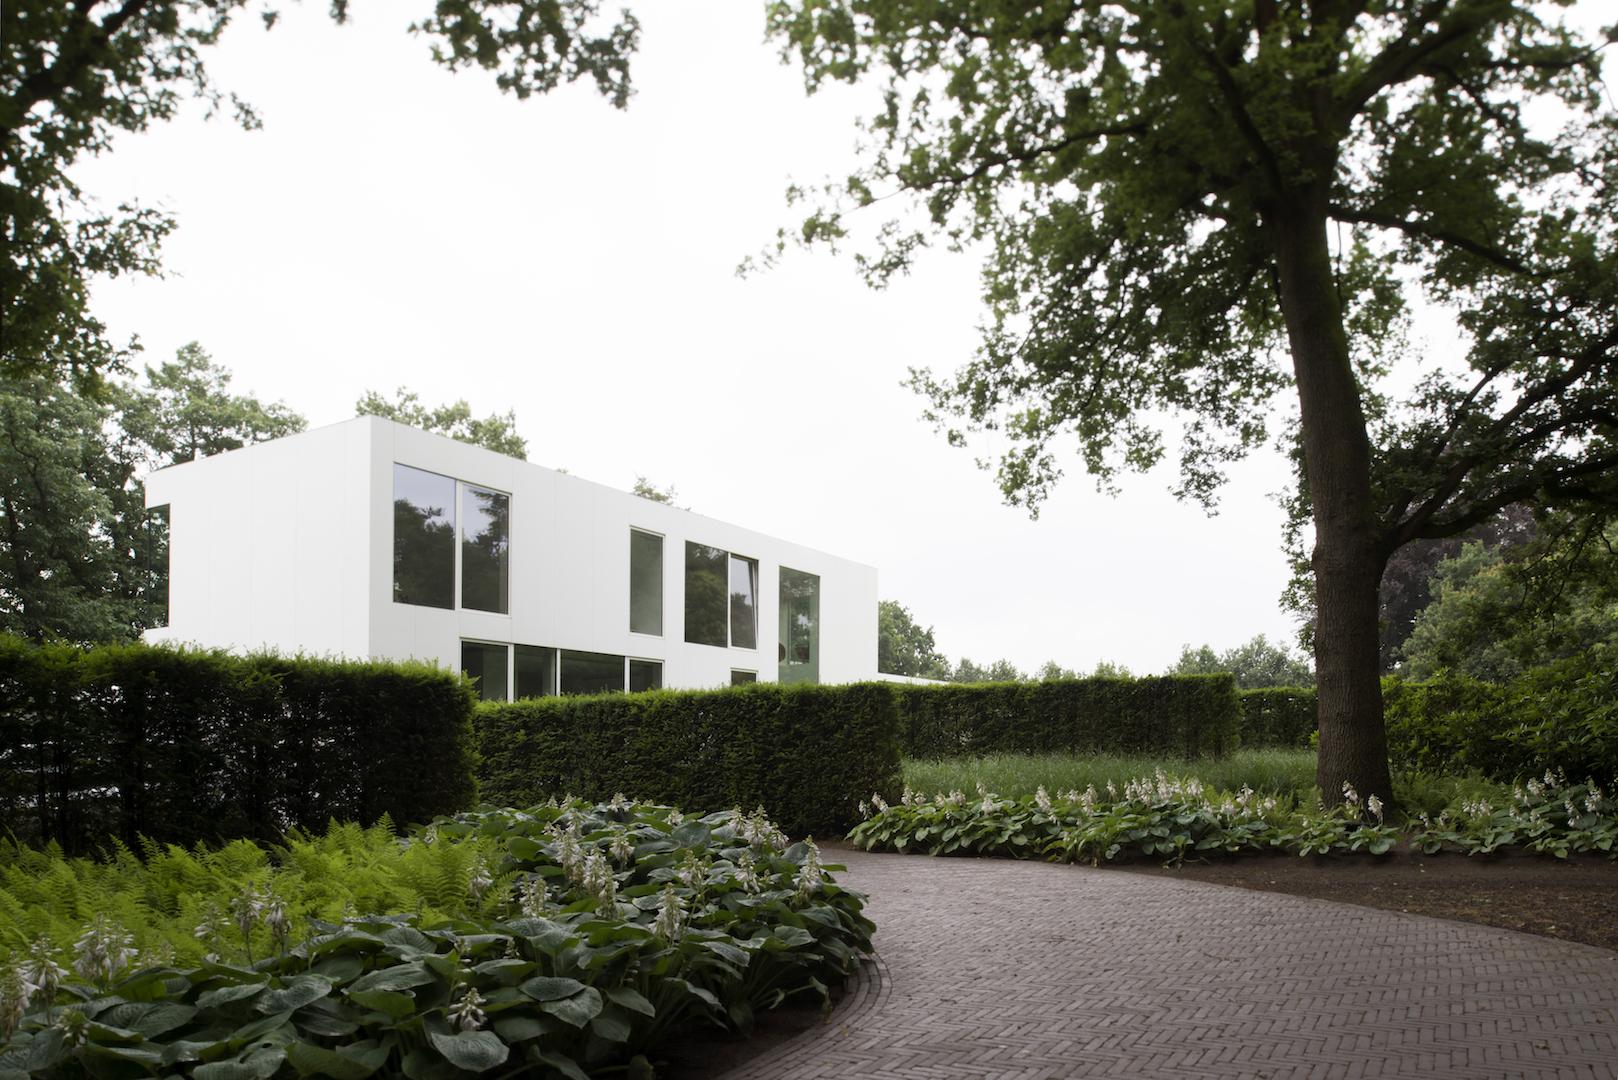 Prachtige moderne villa mooi ingewerkt in groene omgeving.